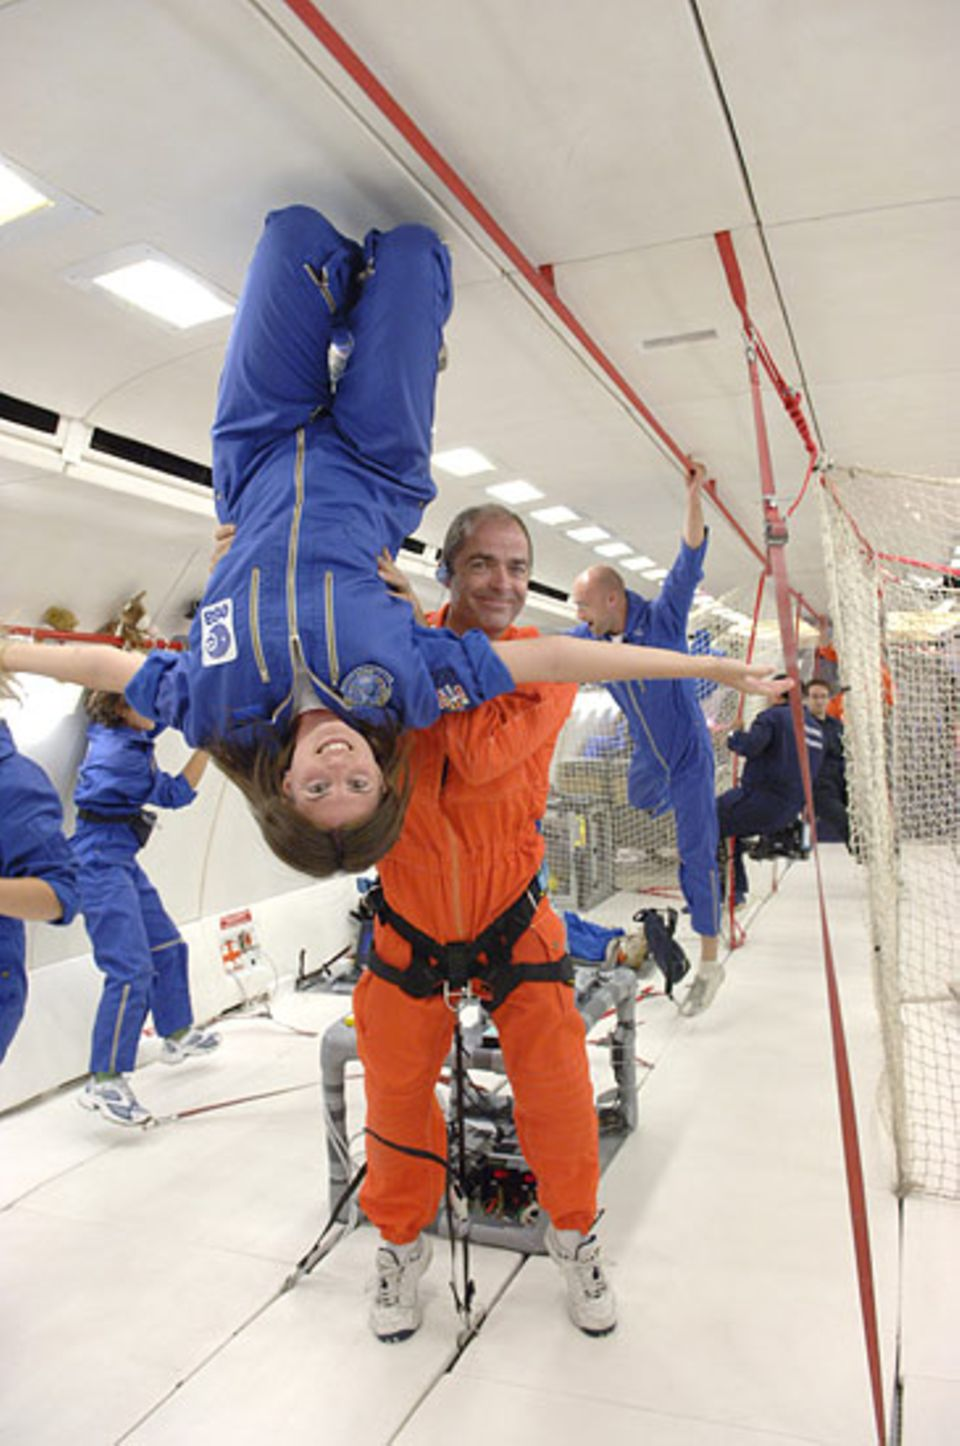 Parabelflug: Zwischen den Experimenten ist noch genug Zeit für federleichte Turnübungen